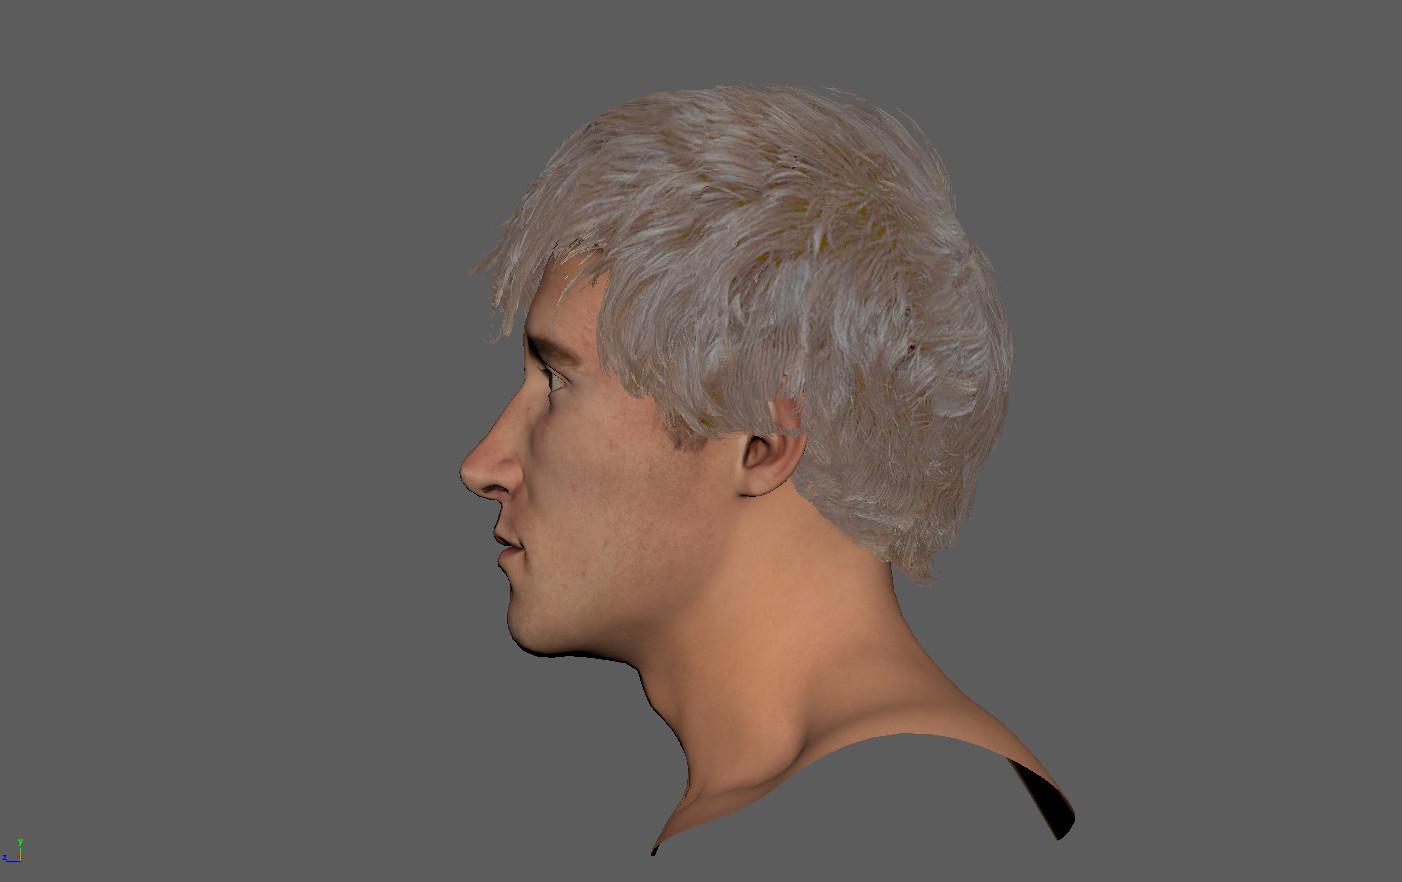 Fabricio rezende face2